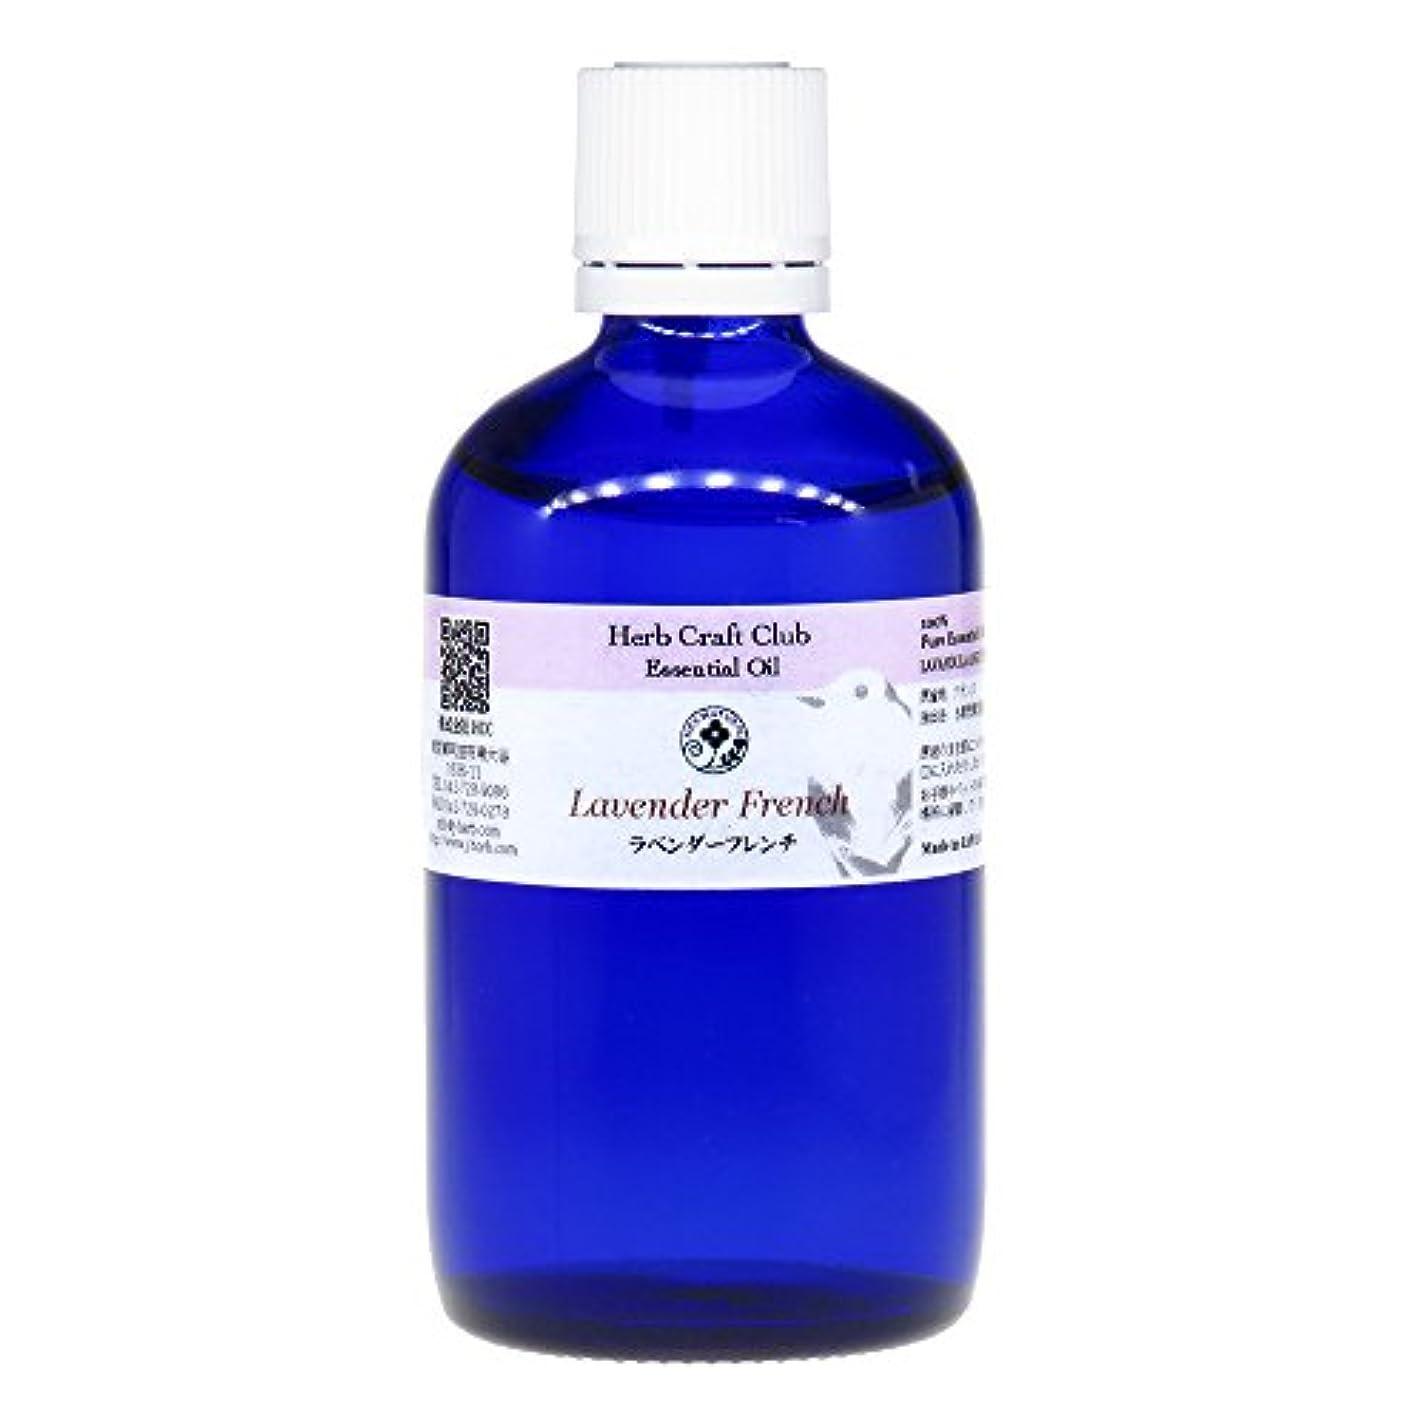 ぼろ宝気配りのあるラベンダーフレンチ105ml 100%天然エッセンシャルオイル※徳用サイズ 卸価格